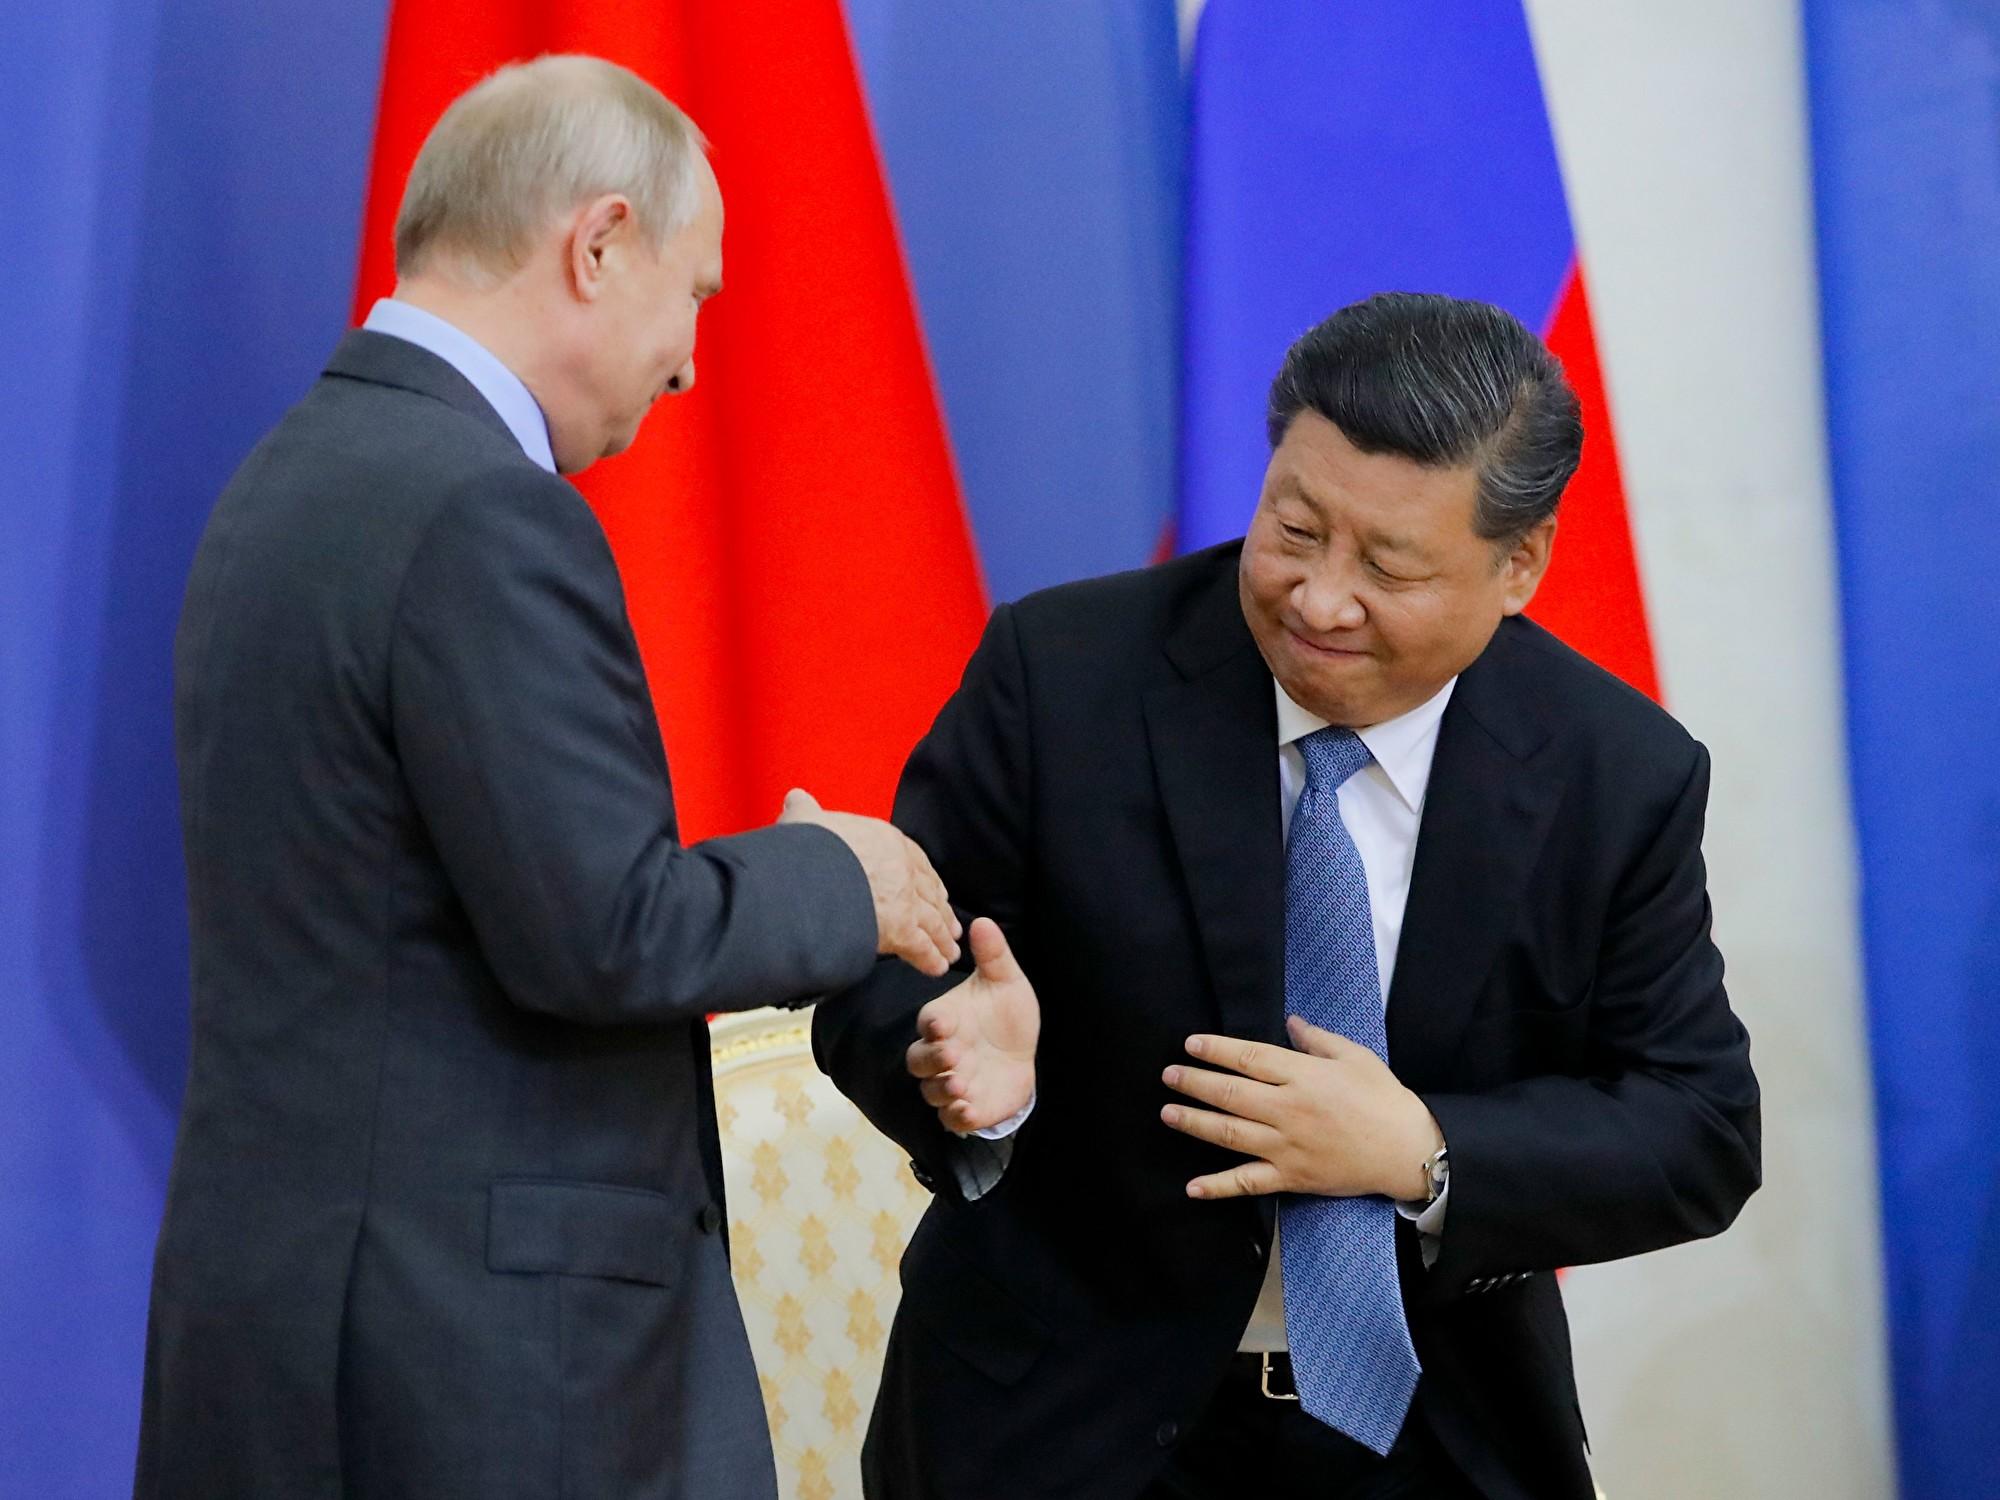 6月6日,習近平在普京的陪同下,到聖彼得堡國立大學接受名譽博士學位。(DMITRI LOVETSKY/AFP/Getty Images)